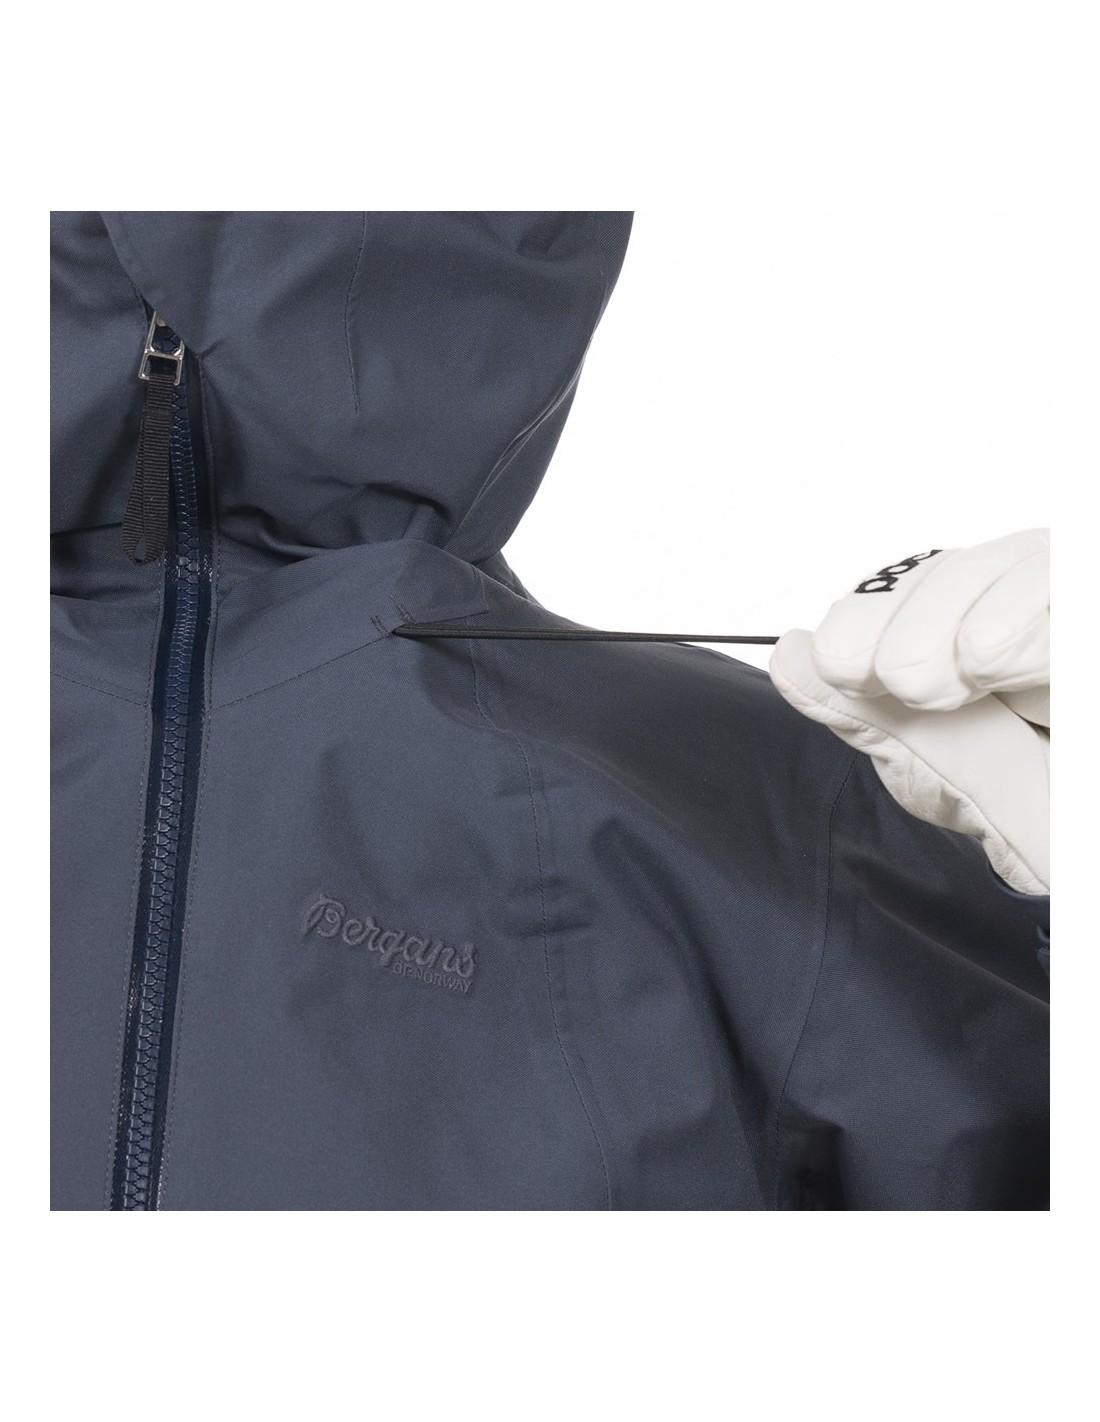 f9523cf1 ... Ski og Snowboardjakker Damer Bergans Stranda Insulated Jacket Dame 8751  ...